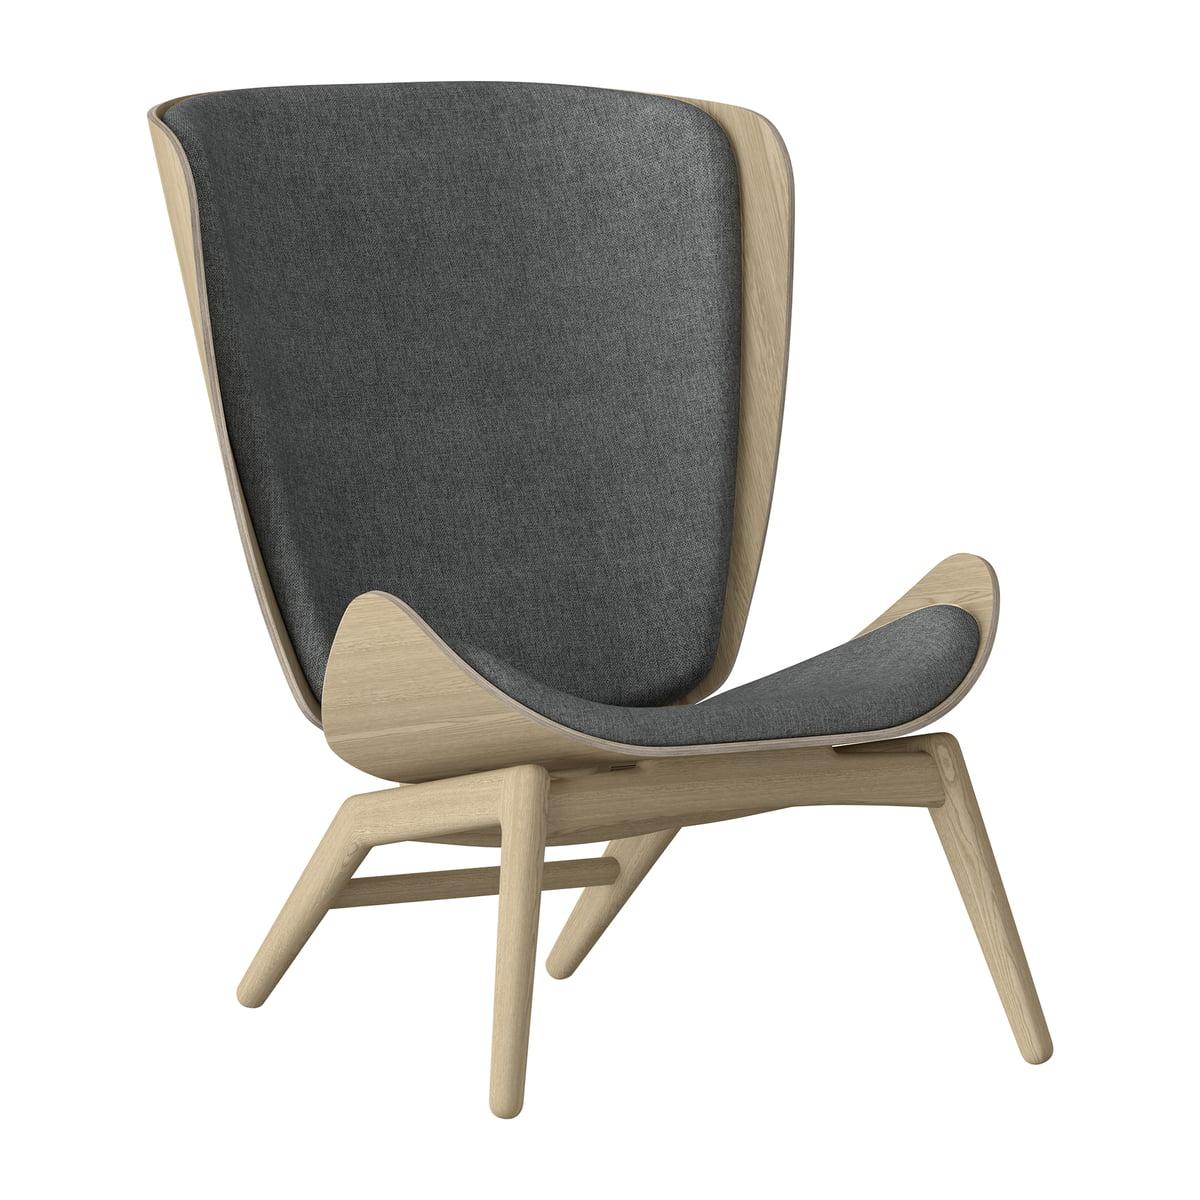 Schön Sessel Hohe Lehne Foto Von Der Umage - The Reader Armchair, Eiche